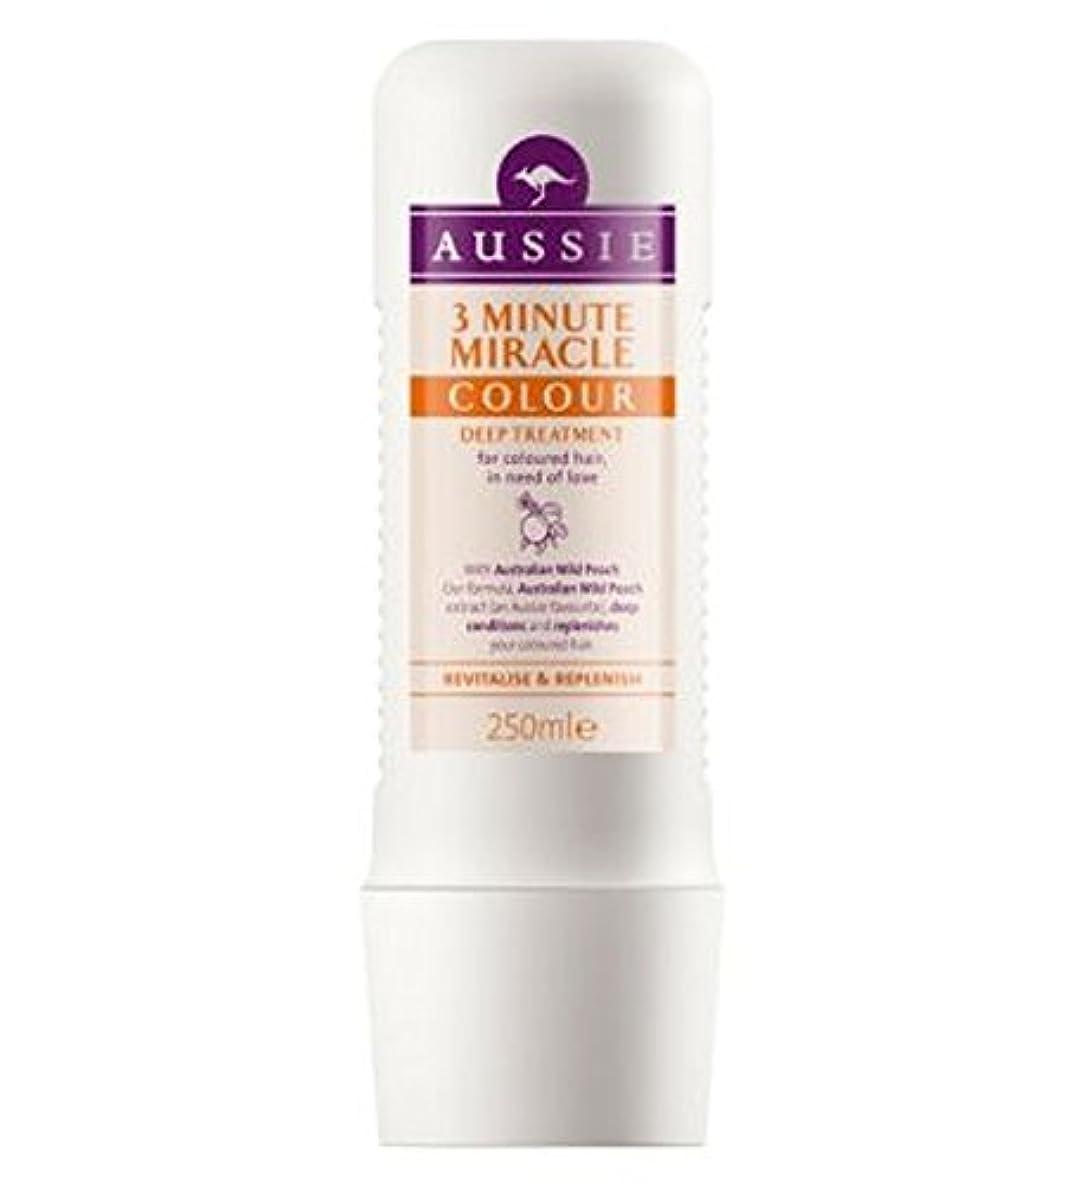 練習線形人差し指Aussie 3 Minute Miracle Colour Deep Treatment 250ml - オージー3分の奇跡色の深い処理250ミリリットル (Aussie) [並行輸入品]